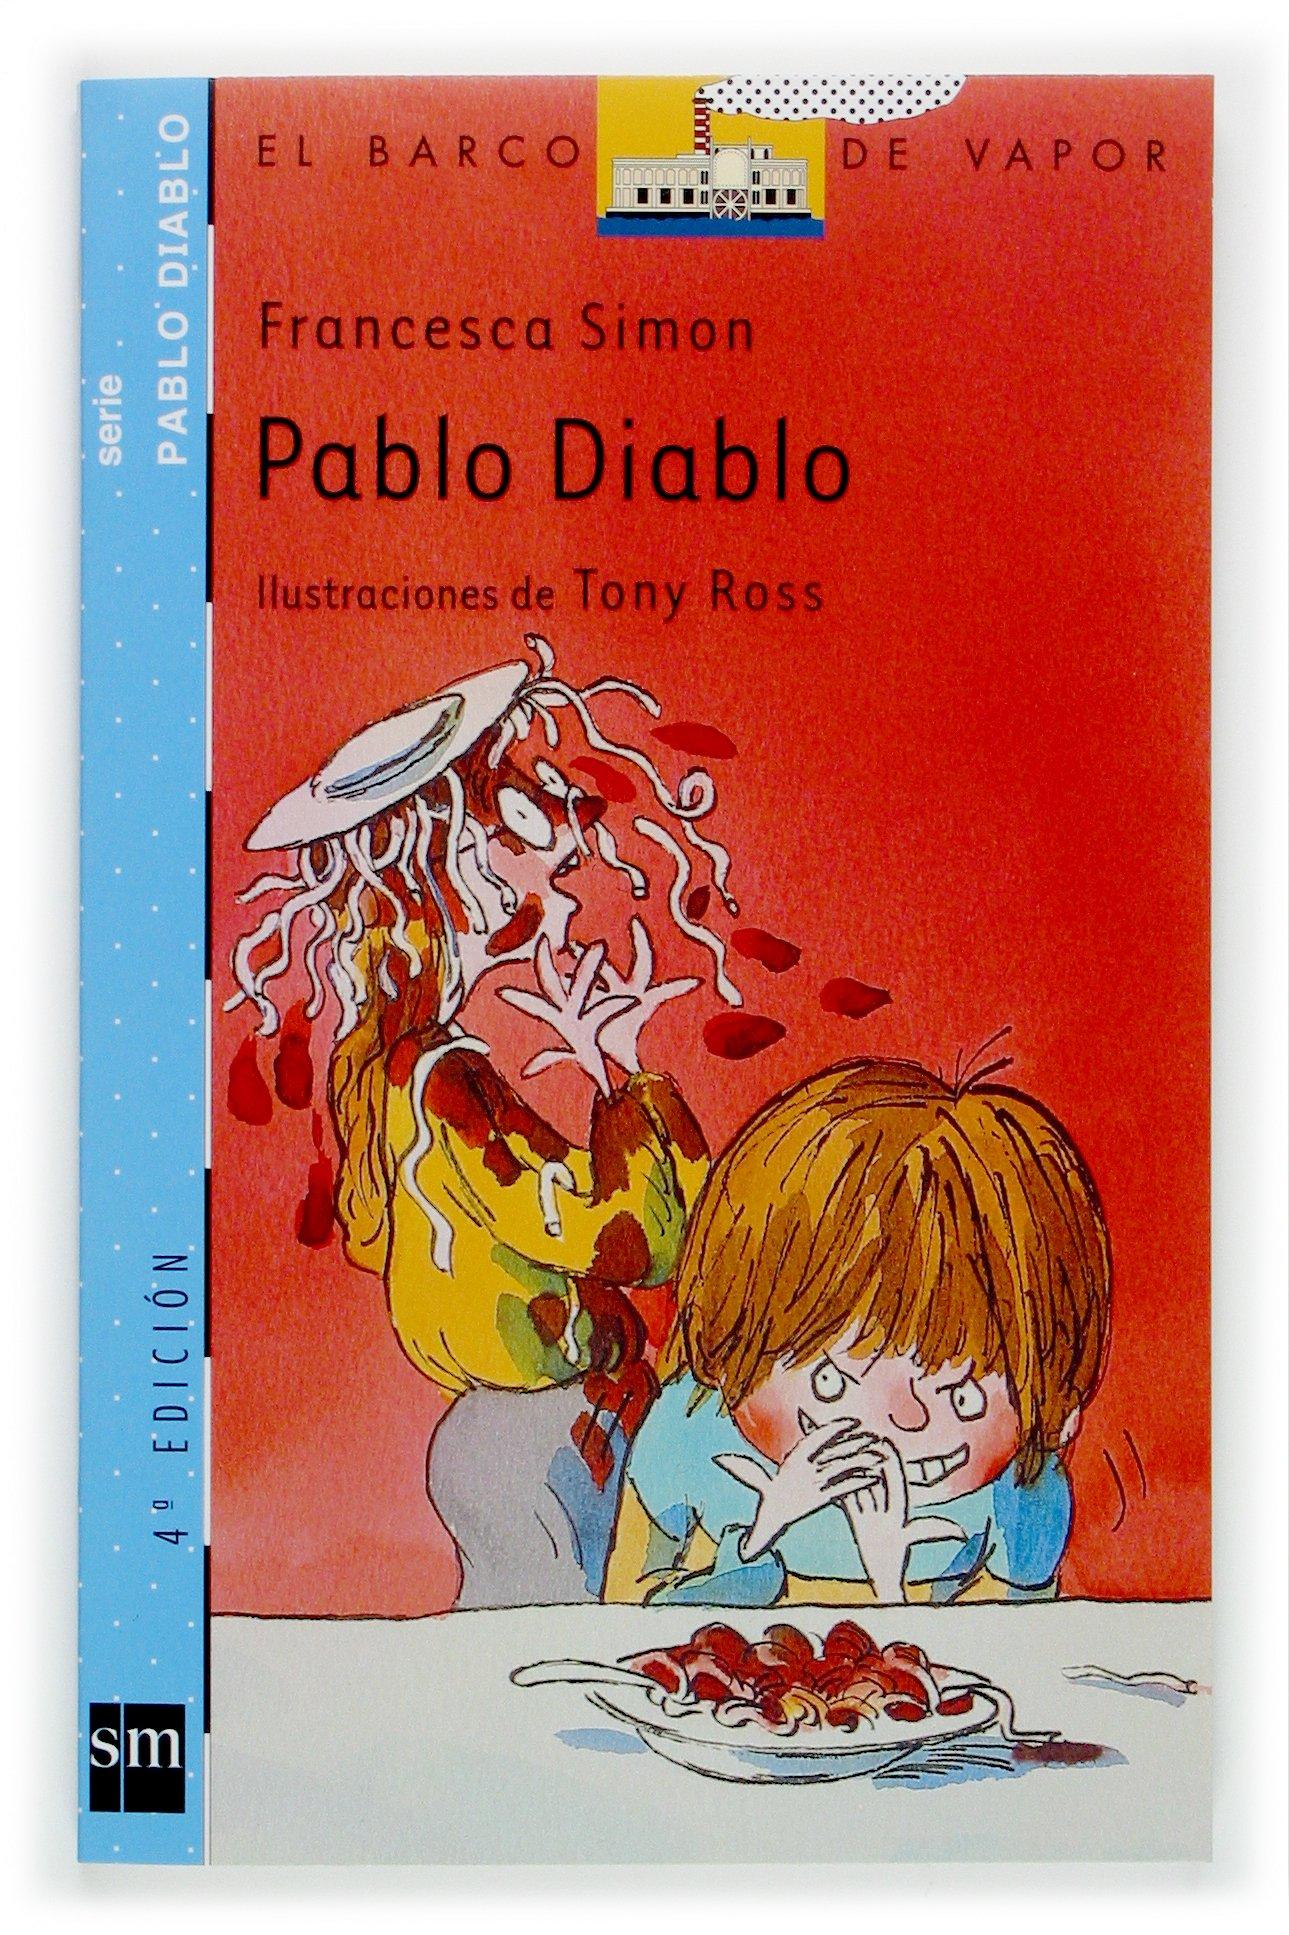 Pablo-Diablo-Francesca-Simon-book-tag-mitologia-griega-libros-literatura-opinion-nominaciones-blogs-blogger